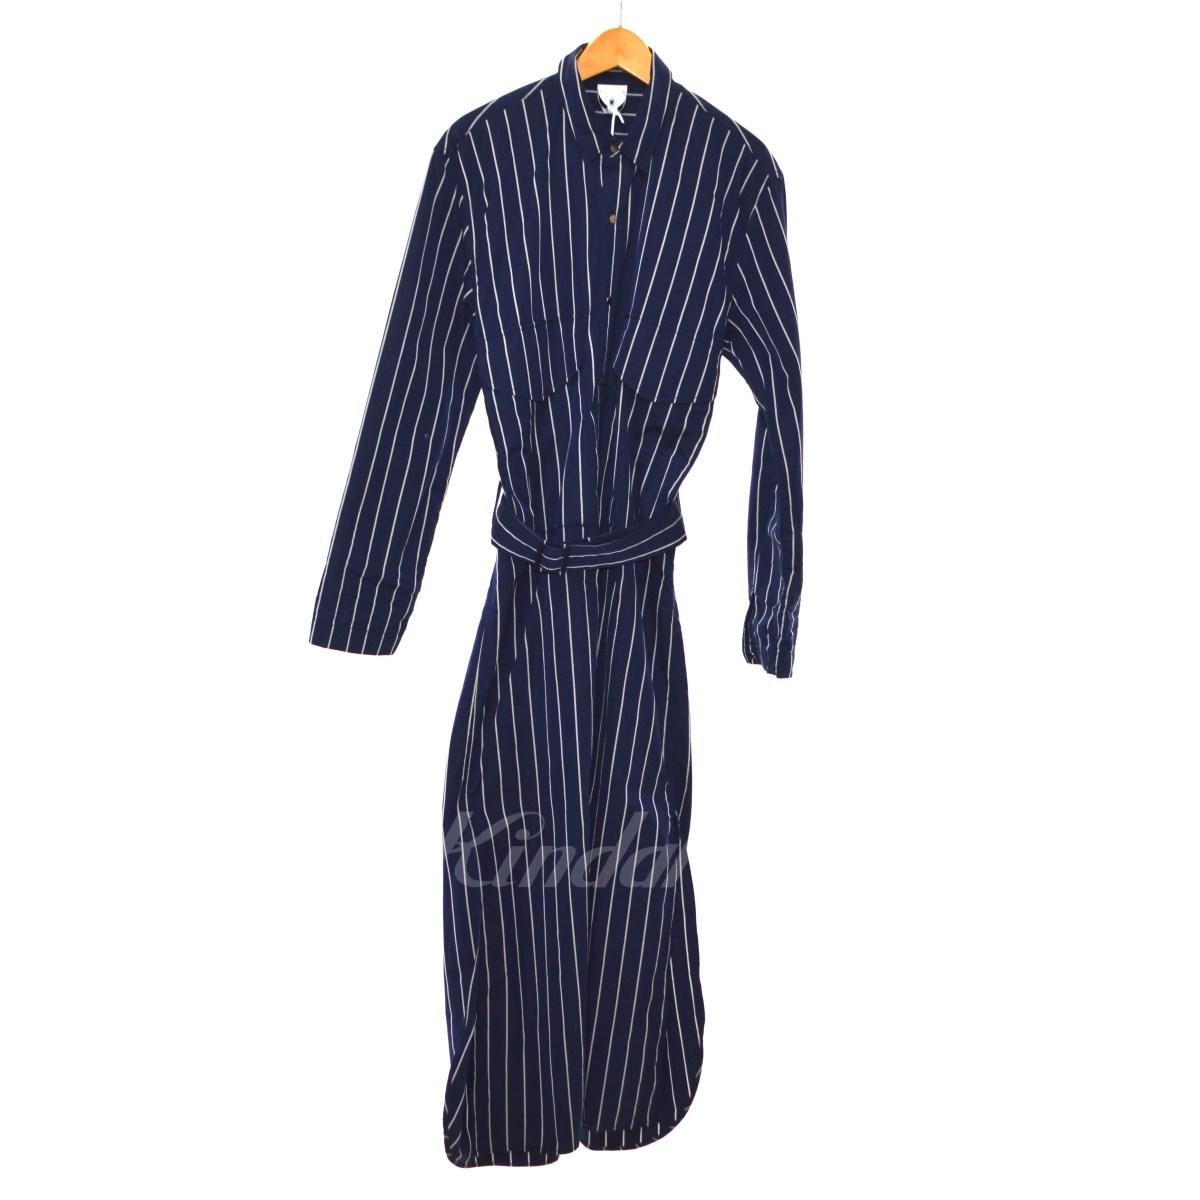 【中古】MIHARA YASUHIRO ストライプギャザーコート ネイビー サイズ:Free 【211019】(ミハラヤスヒロ)